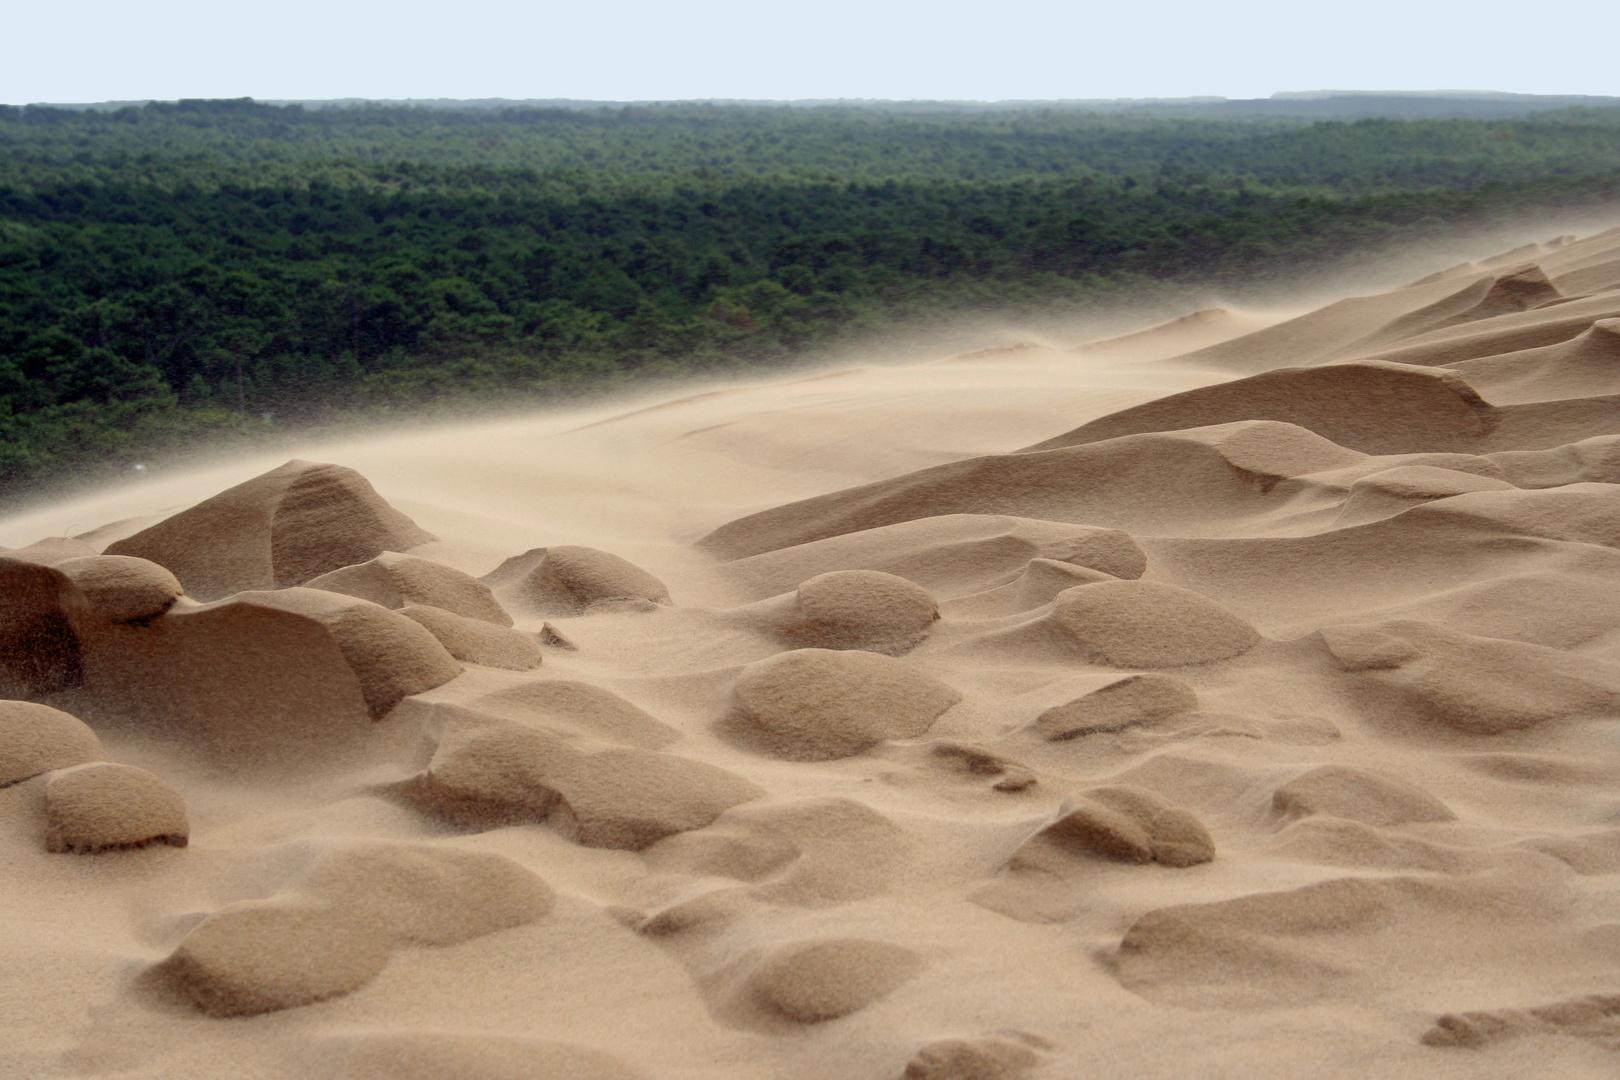 du sable et encore du sable !!!